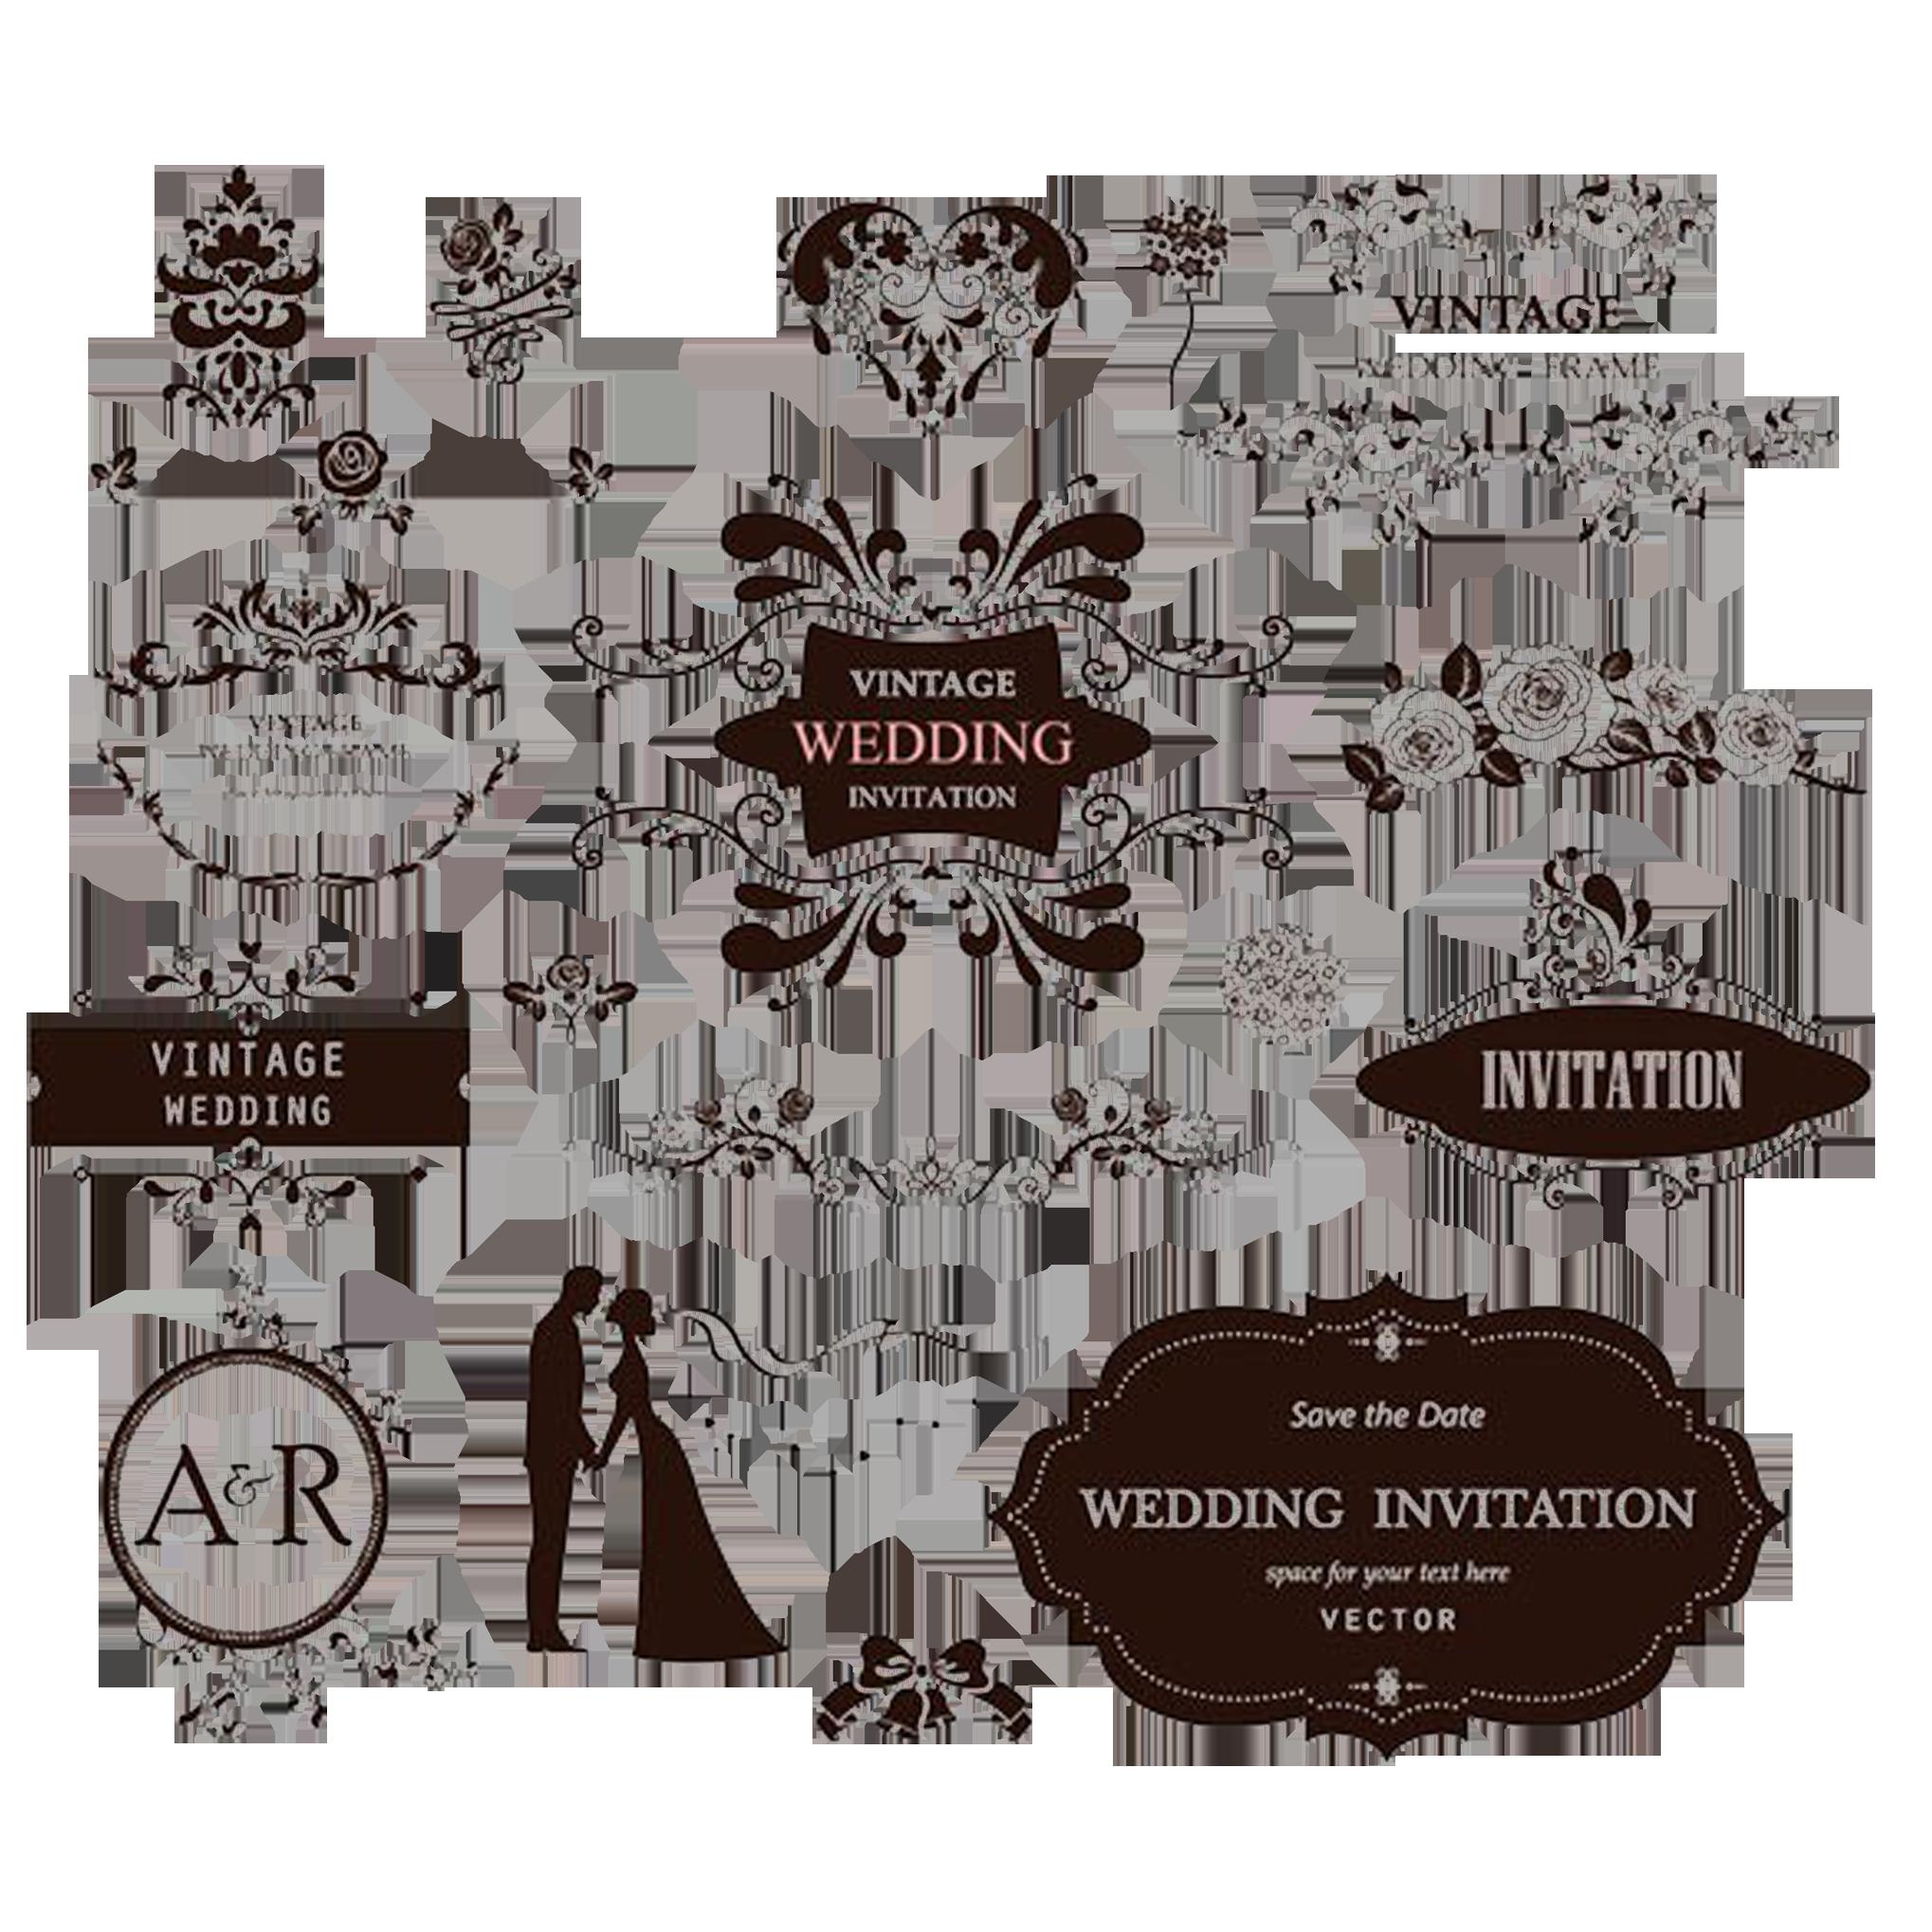 Label clipart wedding invitation. Ornament decorative arts european